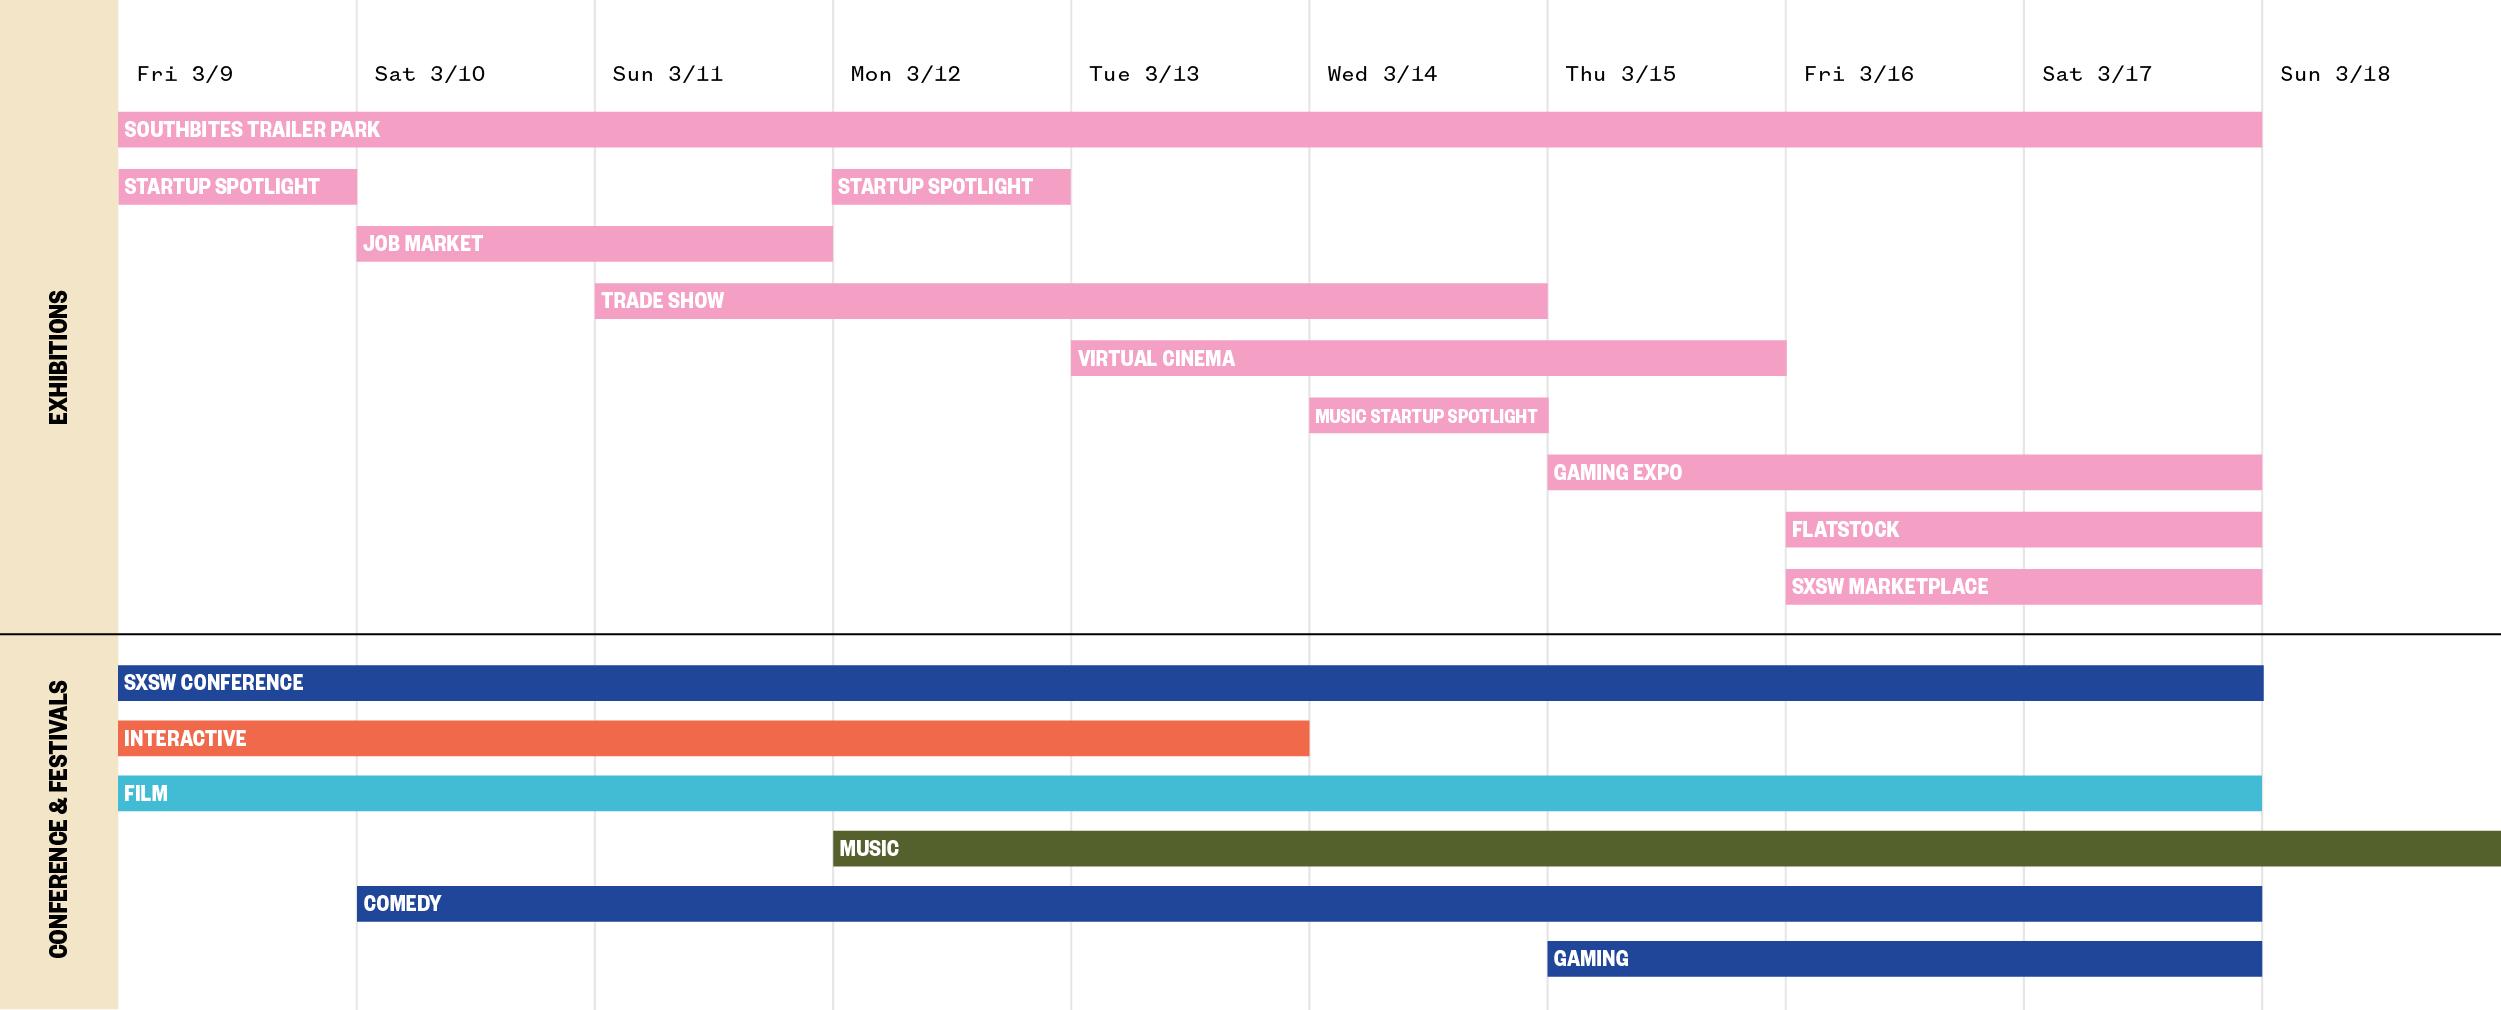 SXSW 2018 Exhibition Timeline